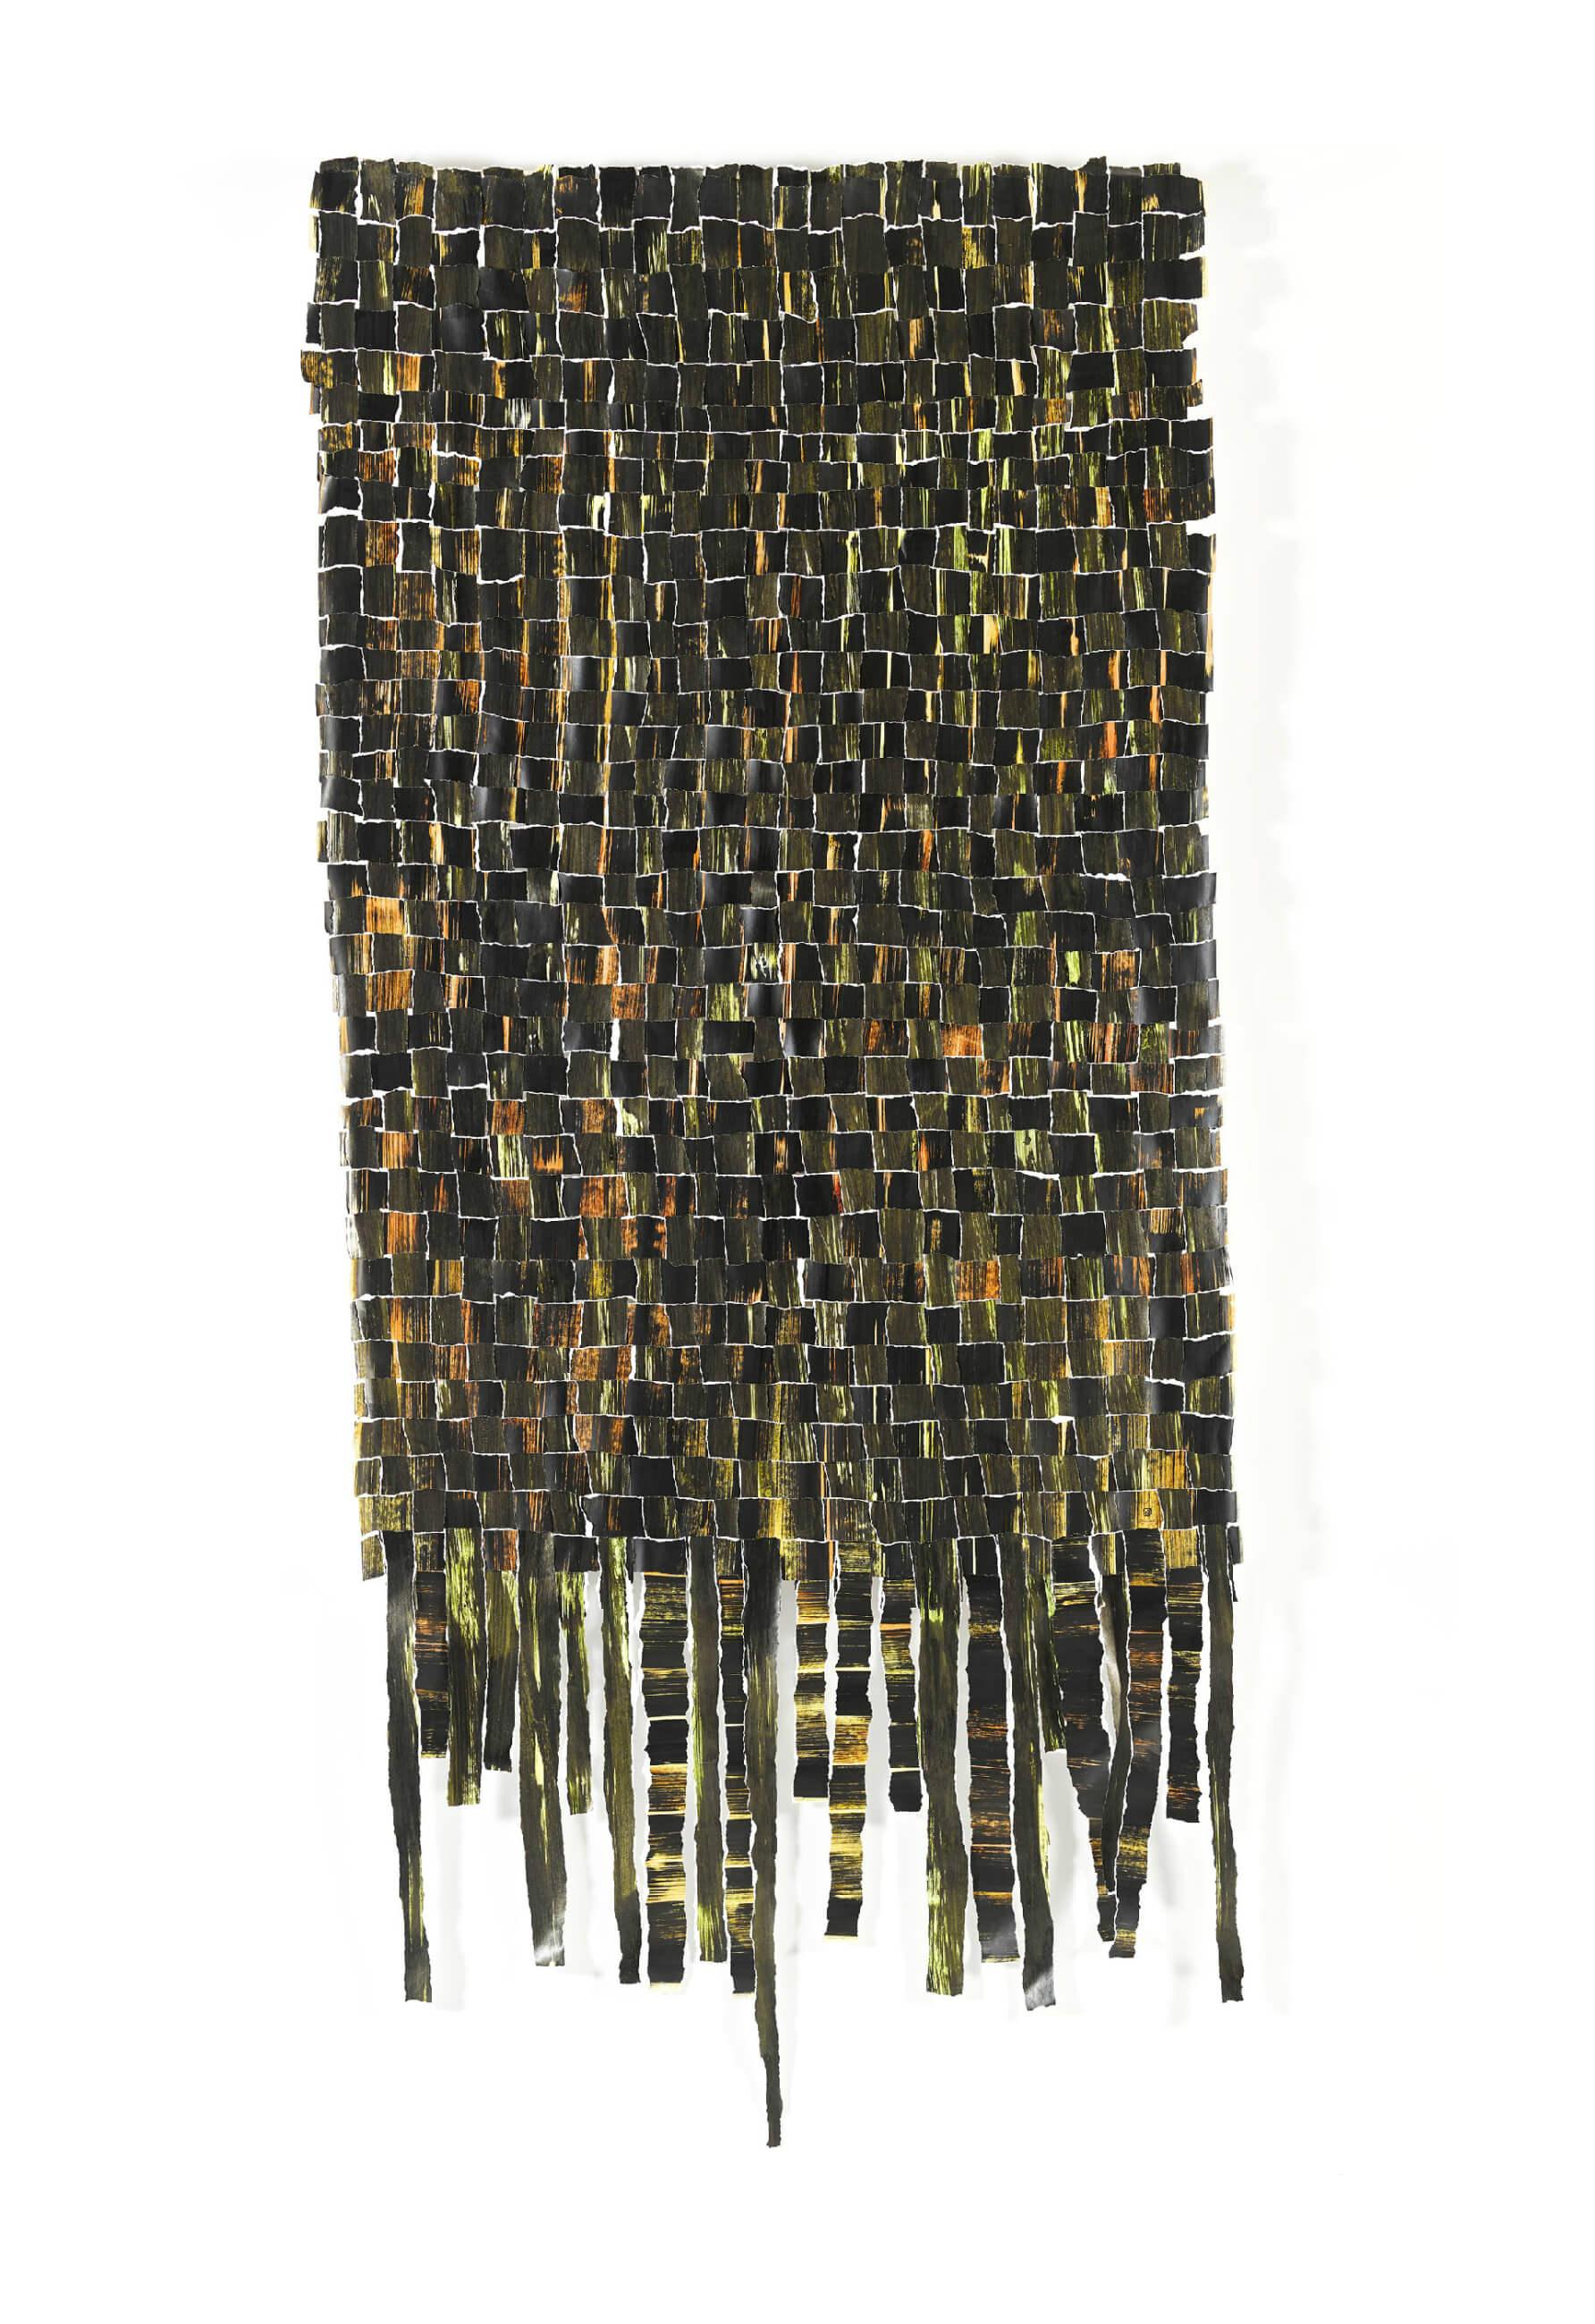 Chris ROPERT - Estuaire Tu es - Pigments, vernis et encre chinoise sur papier déchiré et tressé - 100 x 300 cm